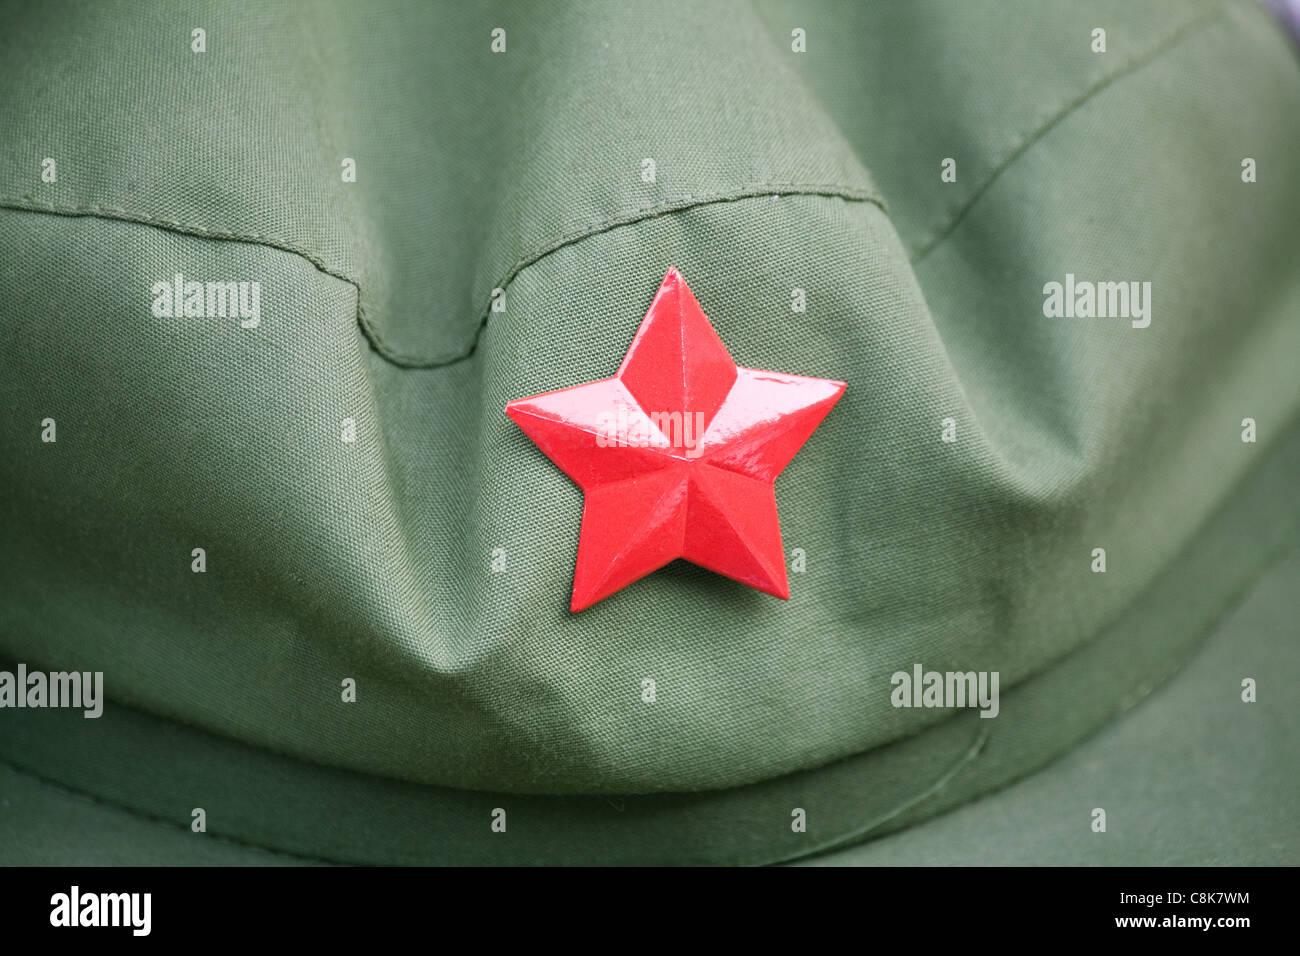 Esercito rosso cappuccio con una stella rossa Immagini Stock